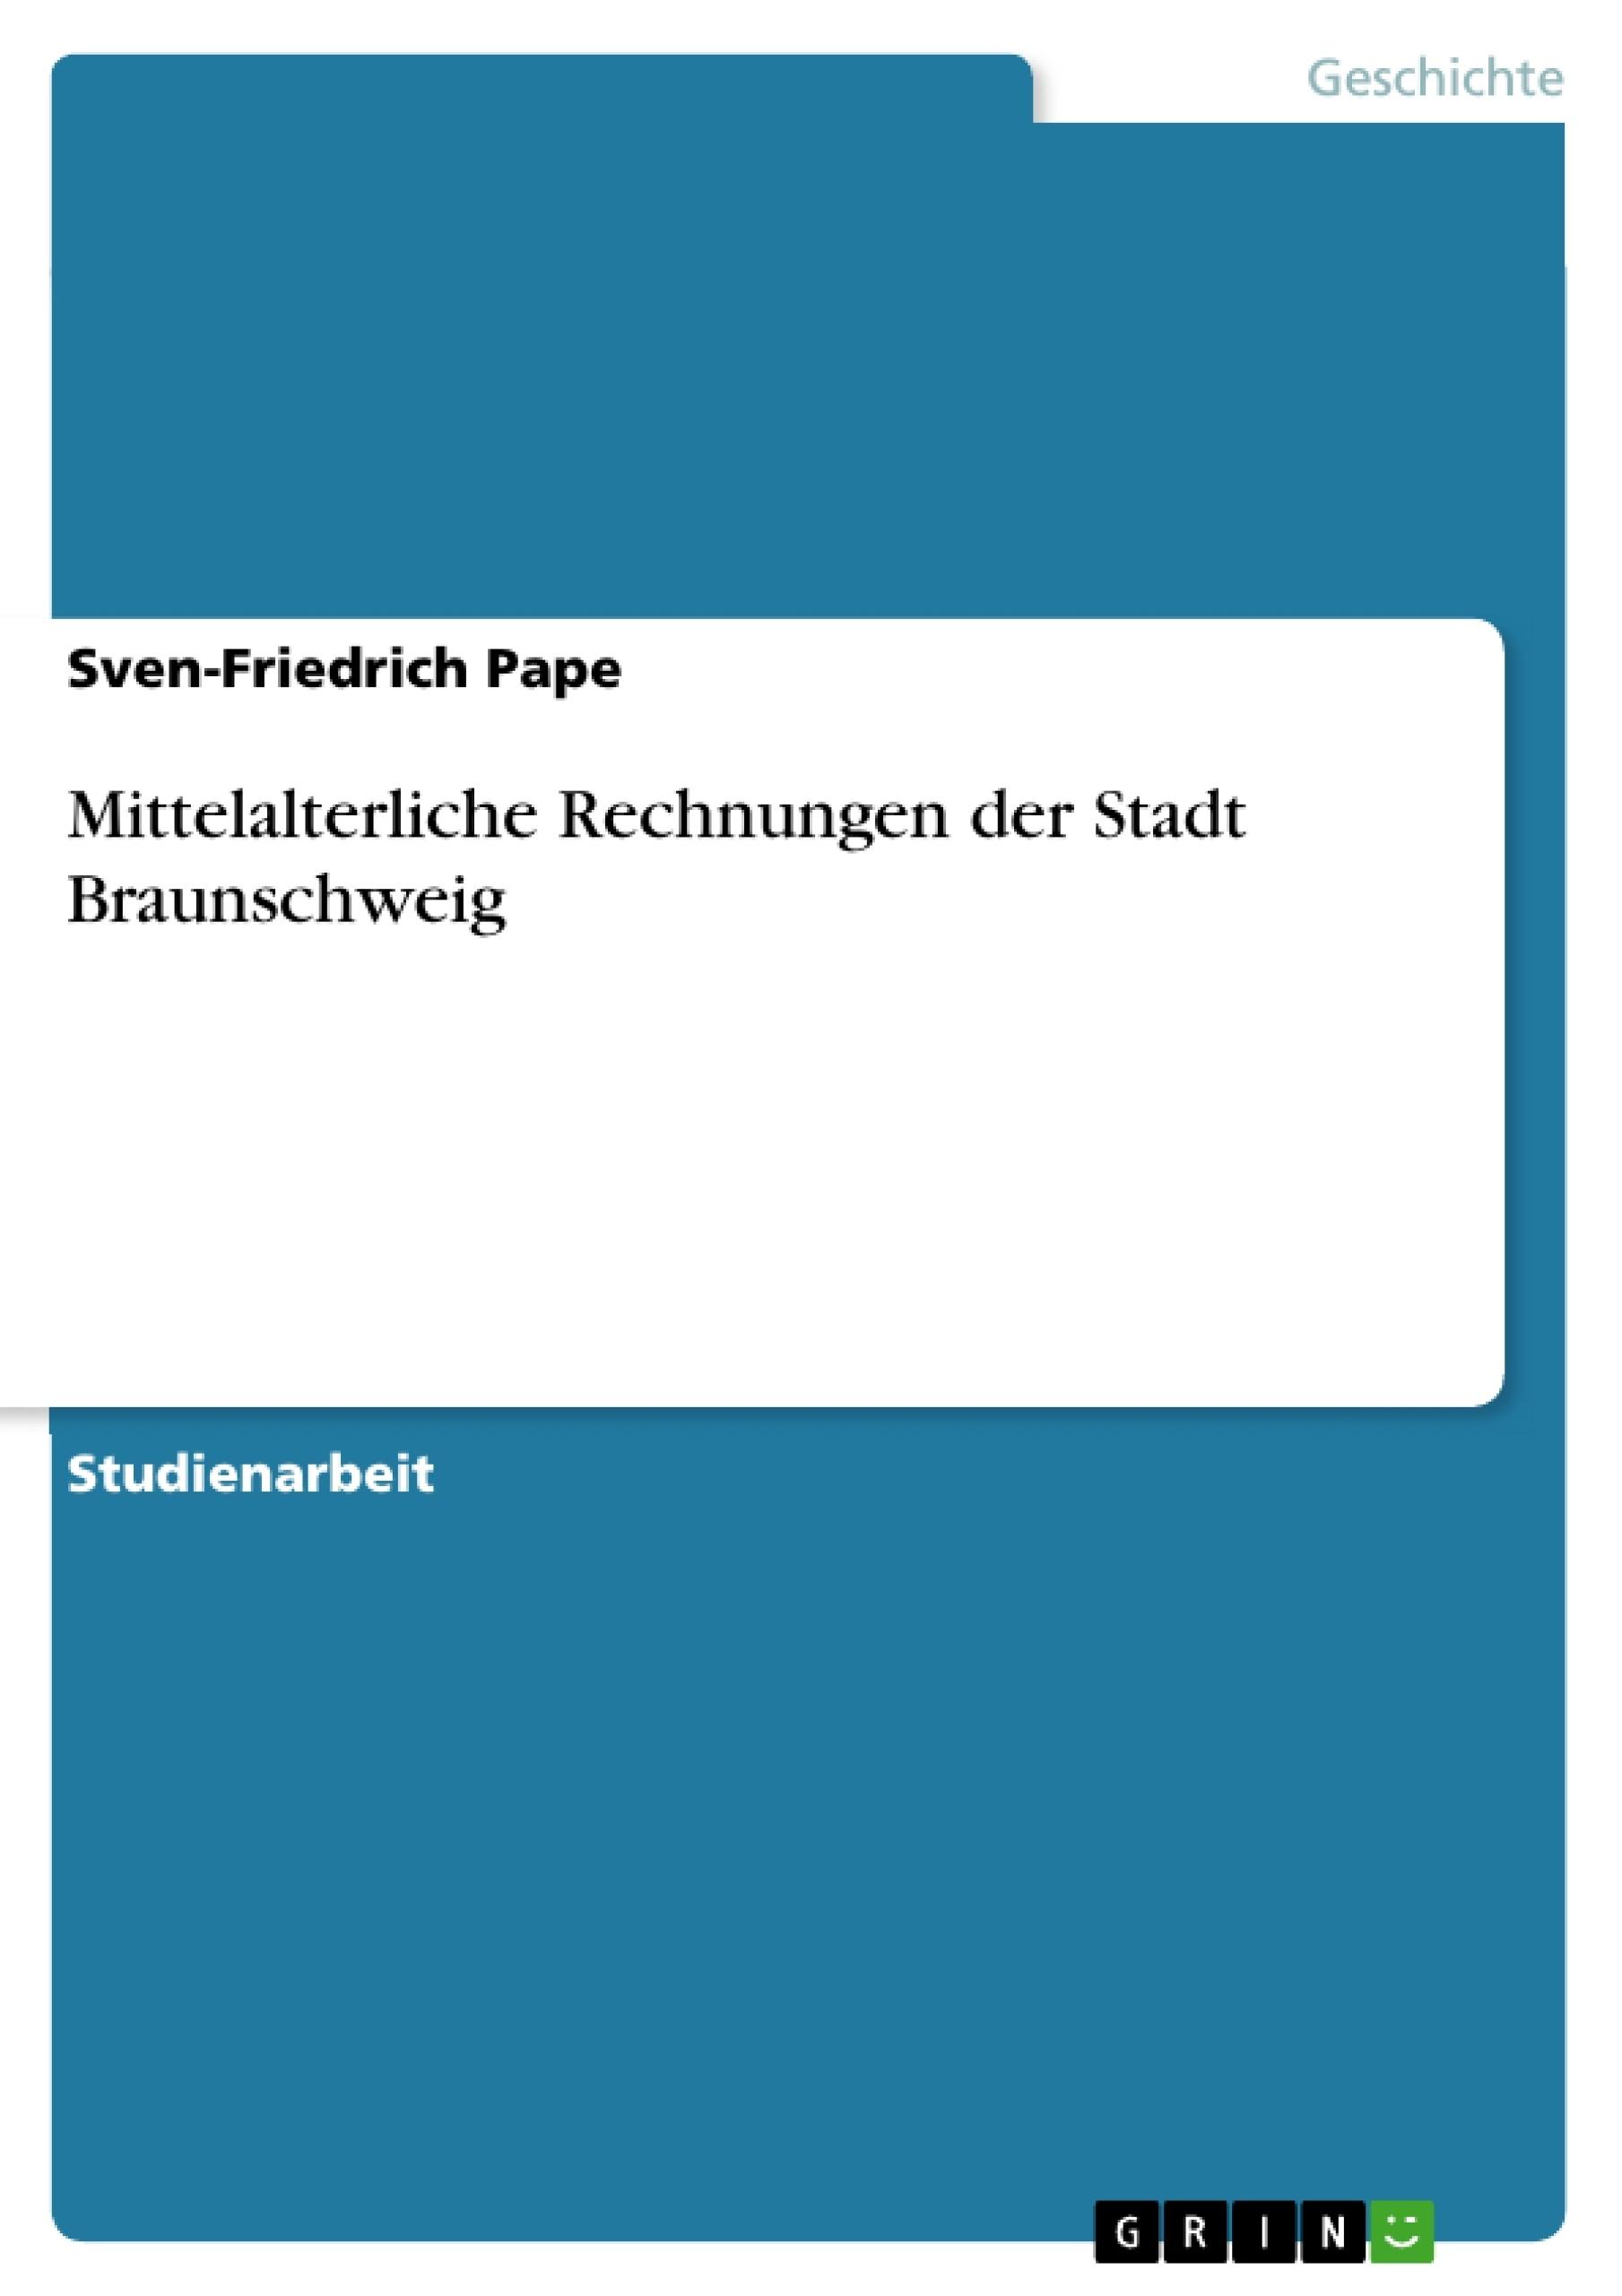 Titel: Mittelalterliche Rechnungen der Stadt Braunschweig